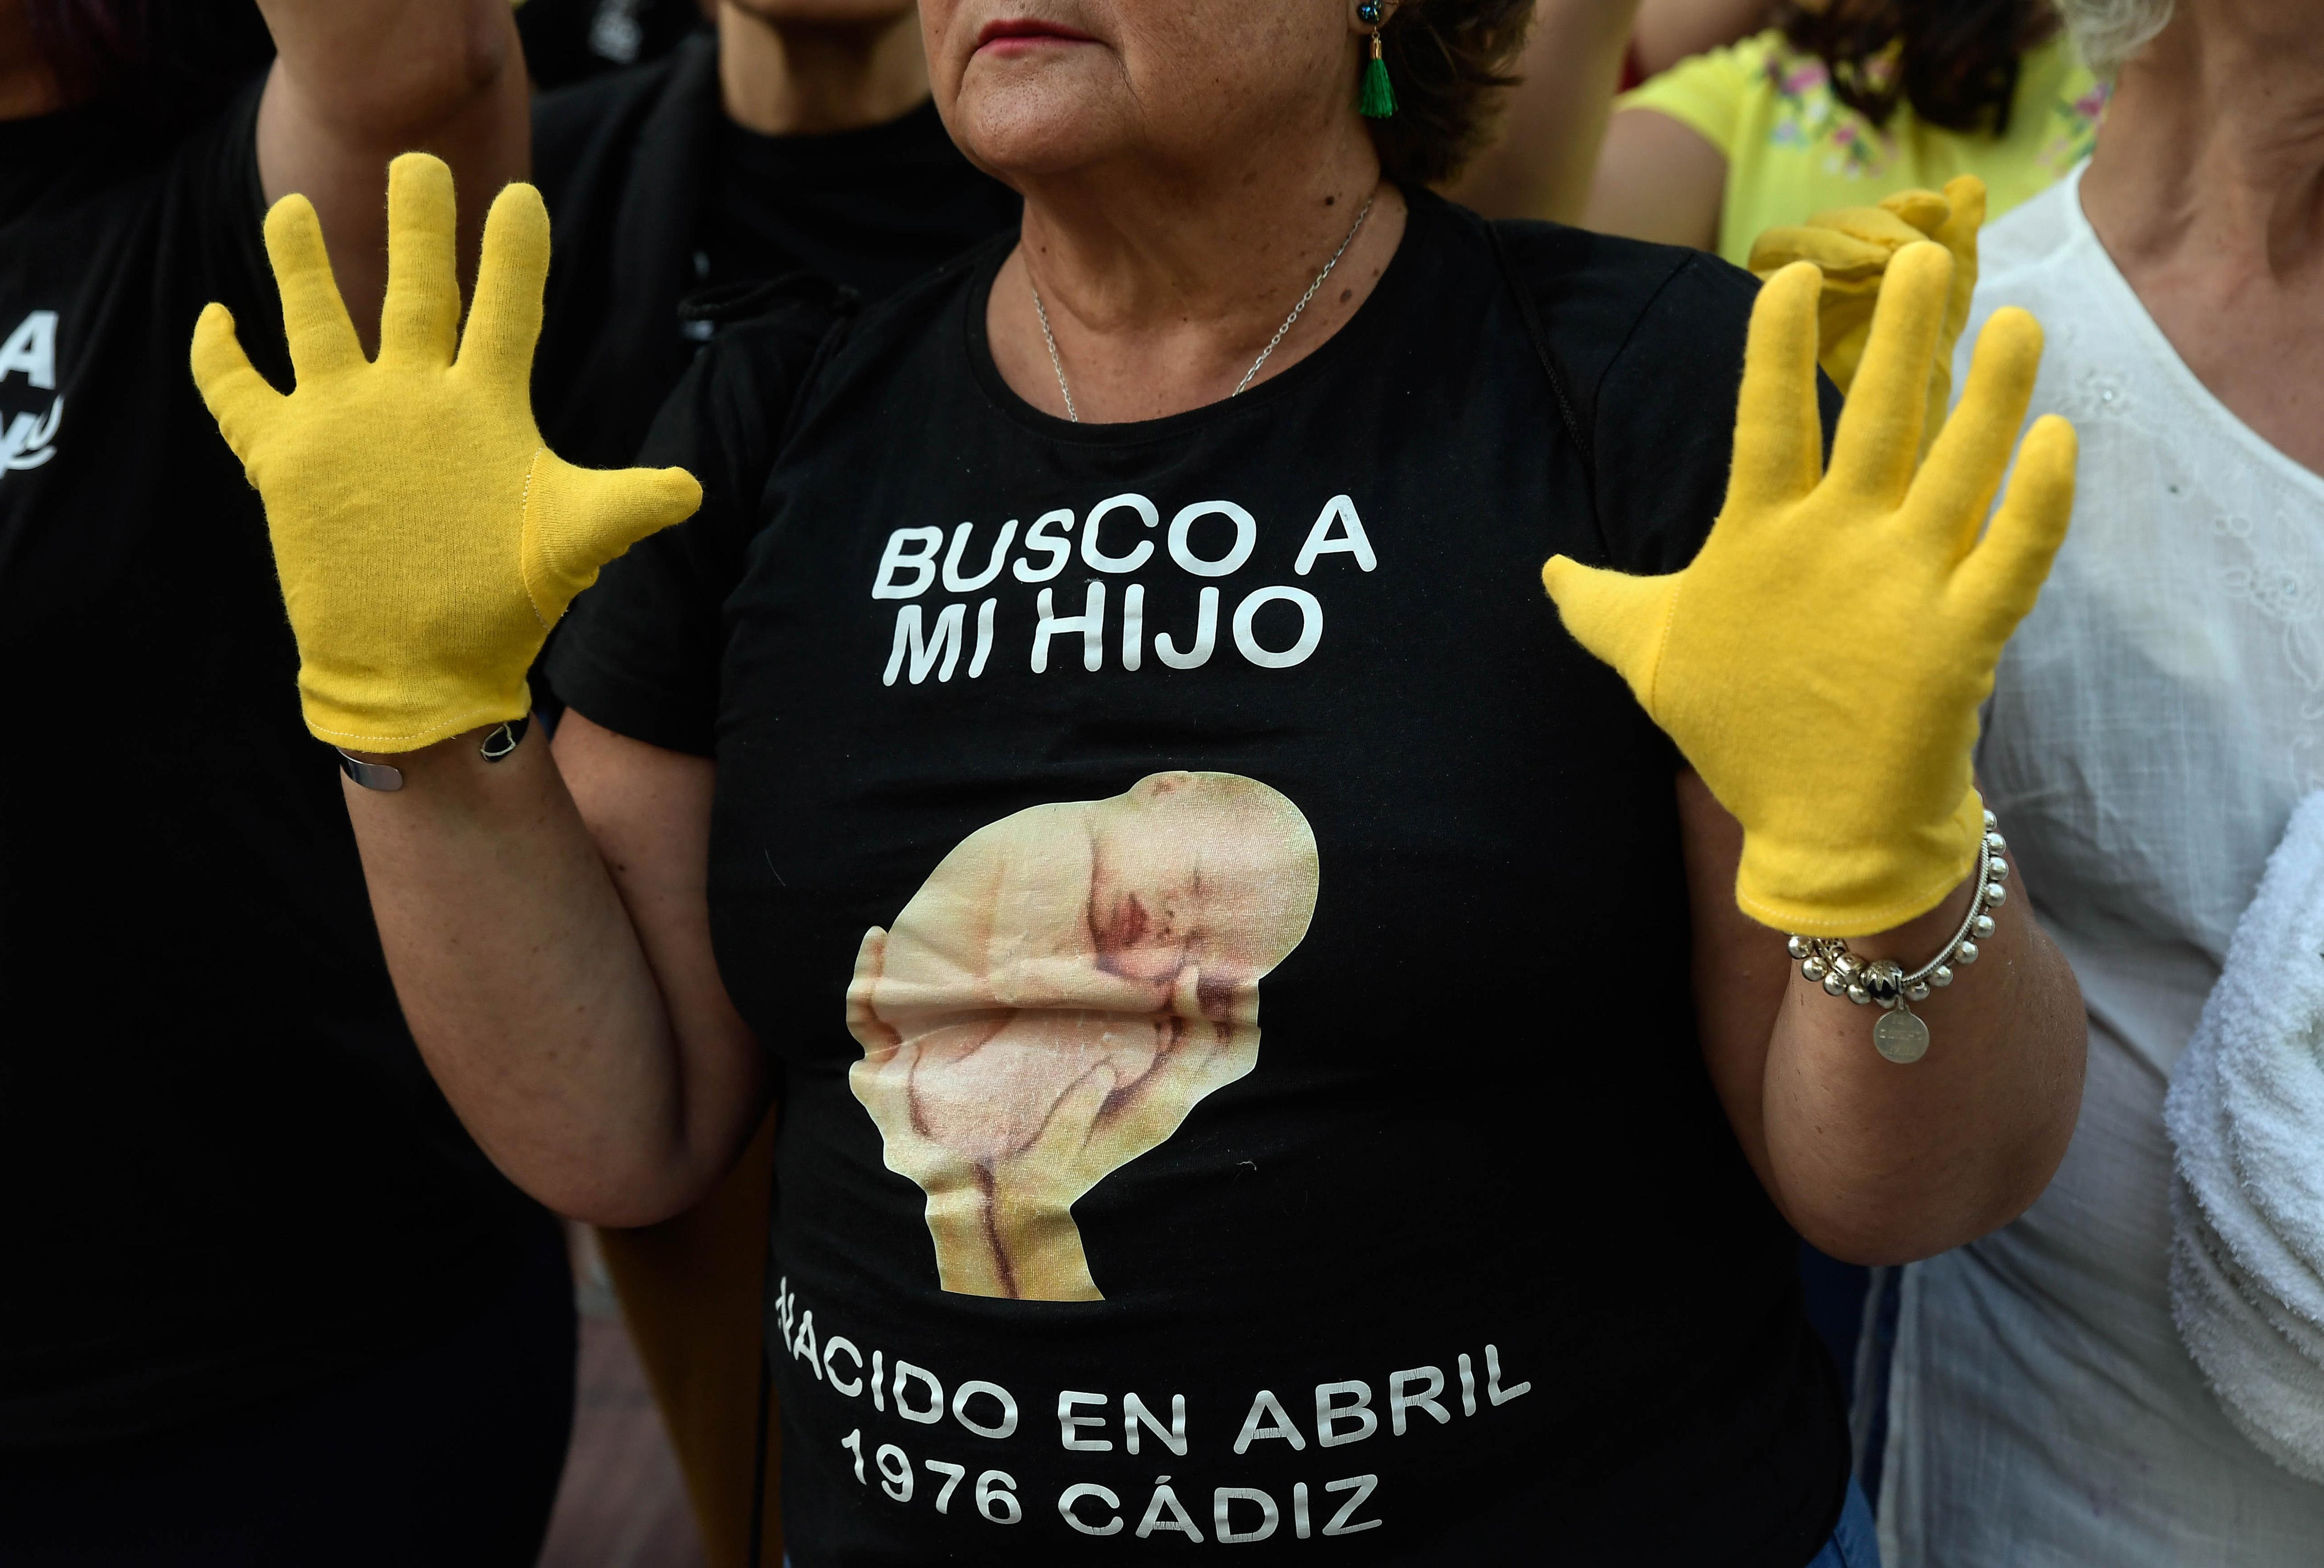 Újszülöttek ezreit rabolták el Spanyolországban, a szüleiknek azt mondták, meghaltak